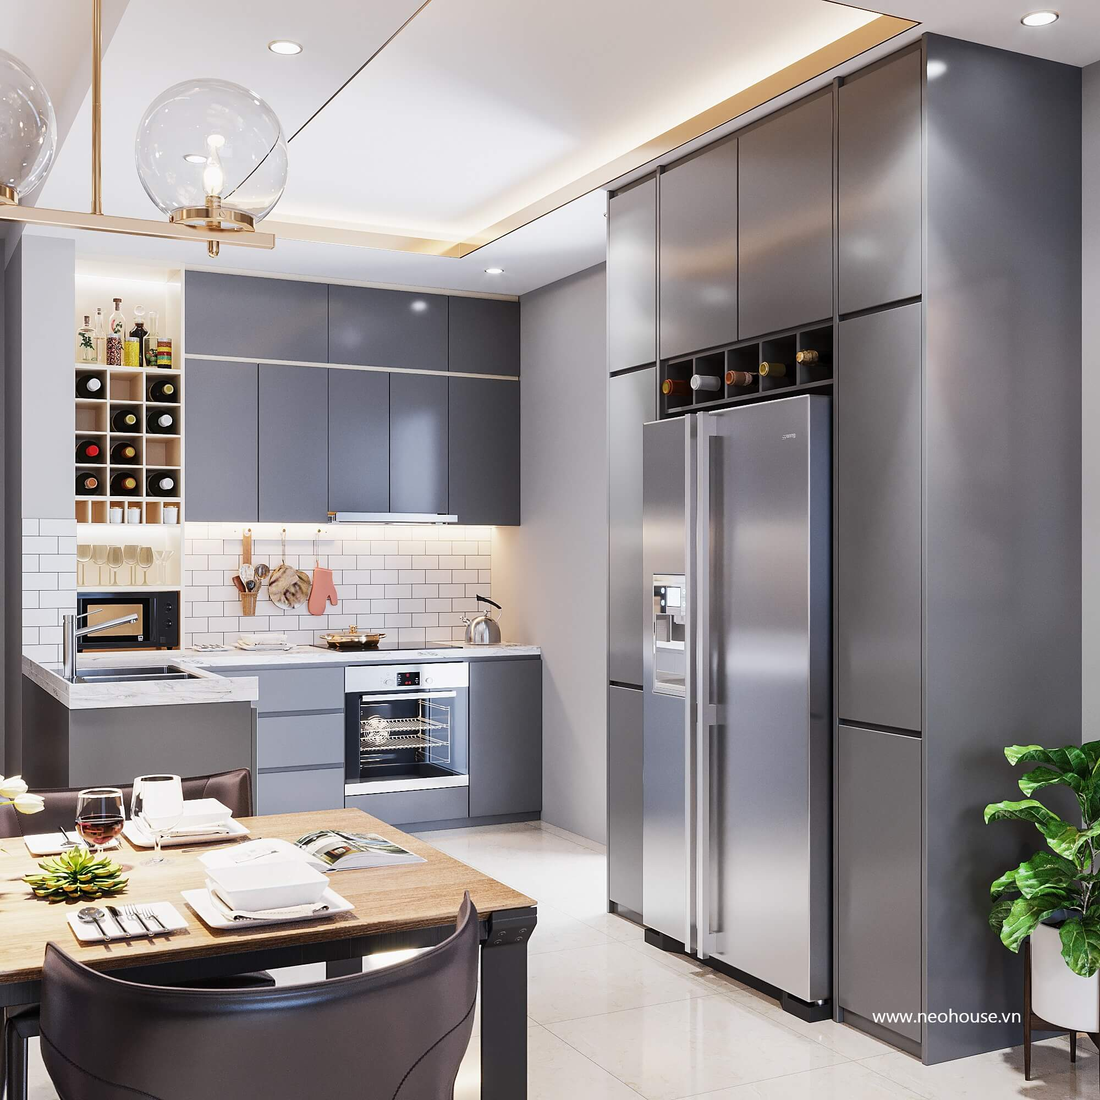 Nội thất phòng bếp căn hộ La casa 2